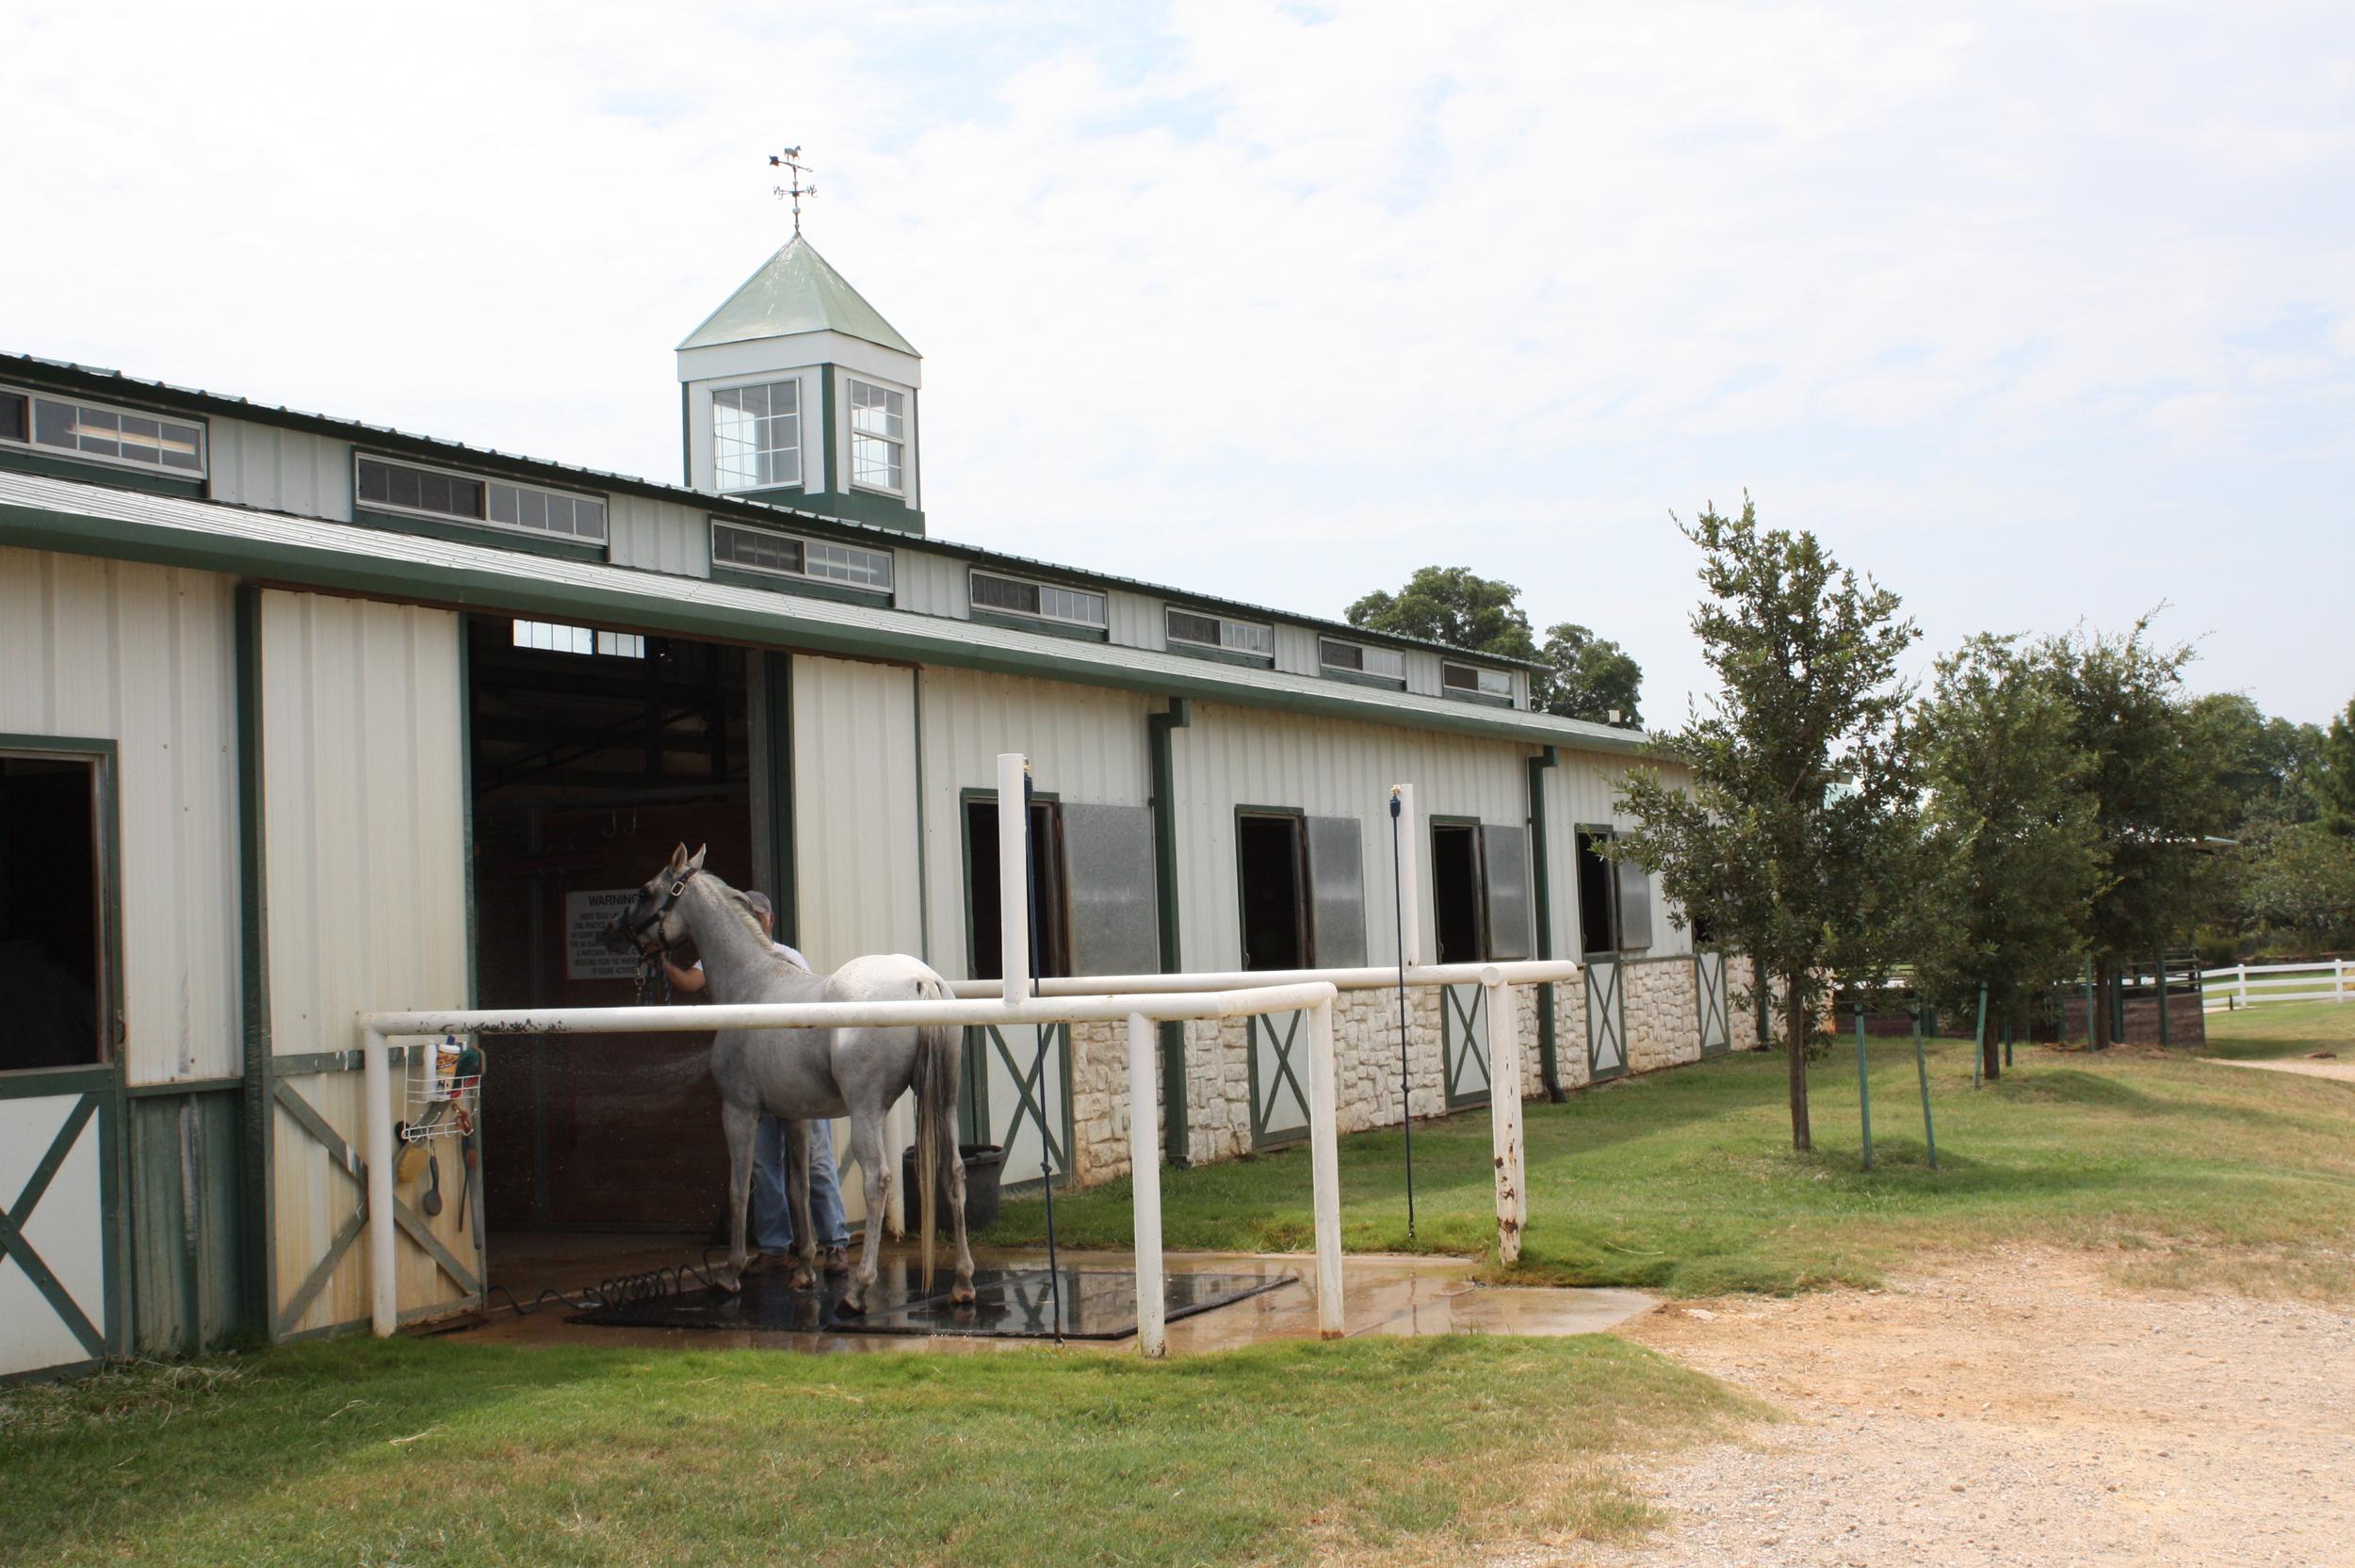 Amazing Barns For Amazing Horses Ameristall Horse Barns